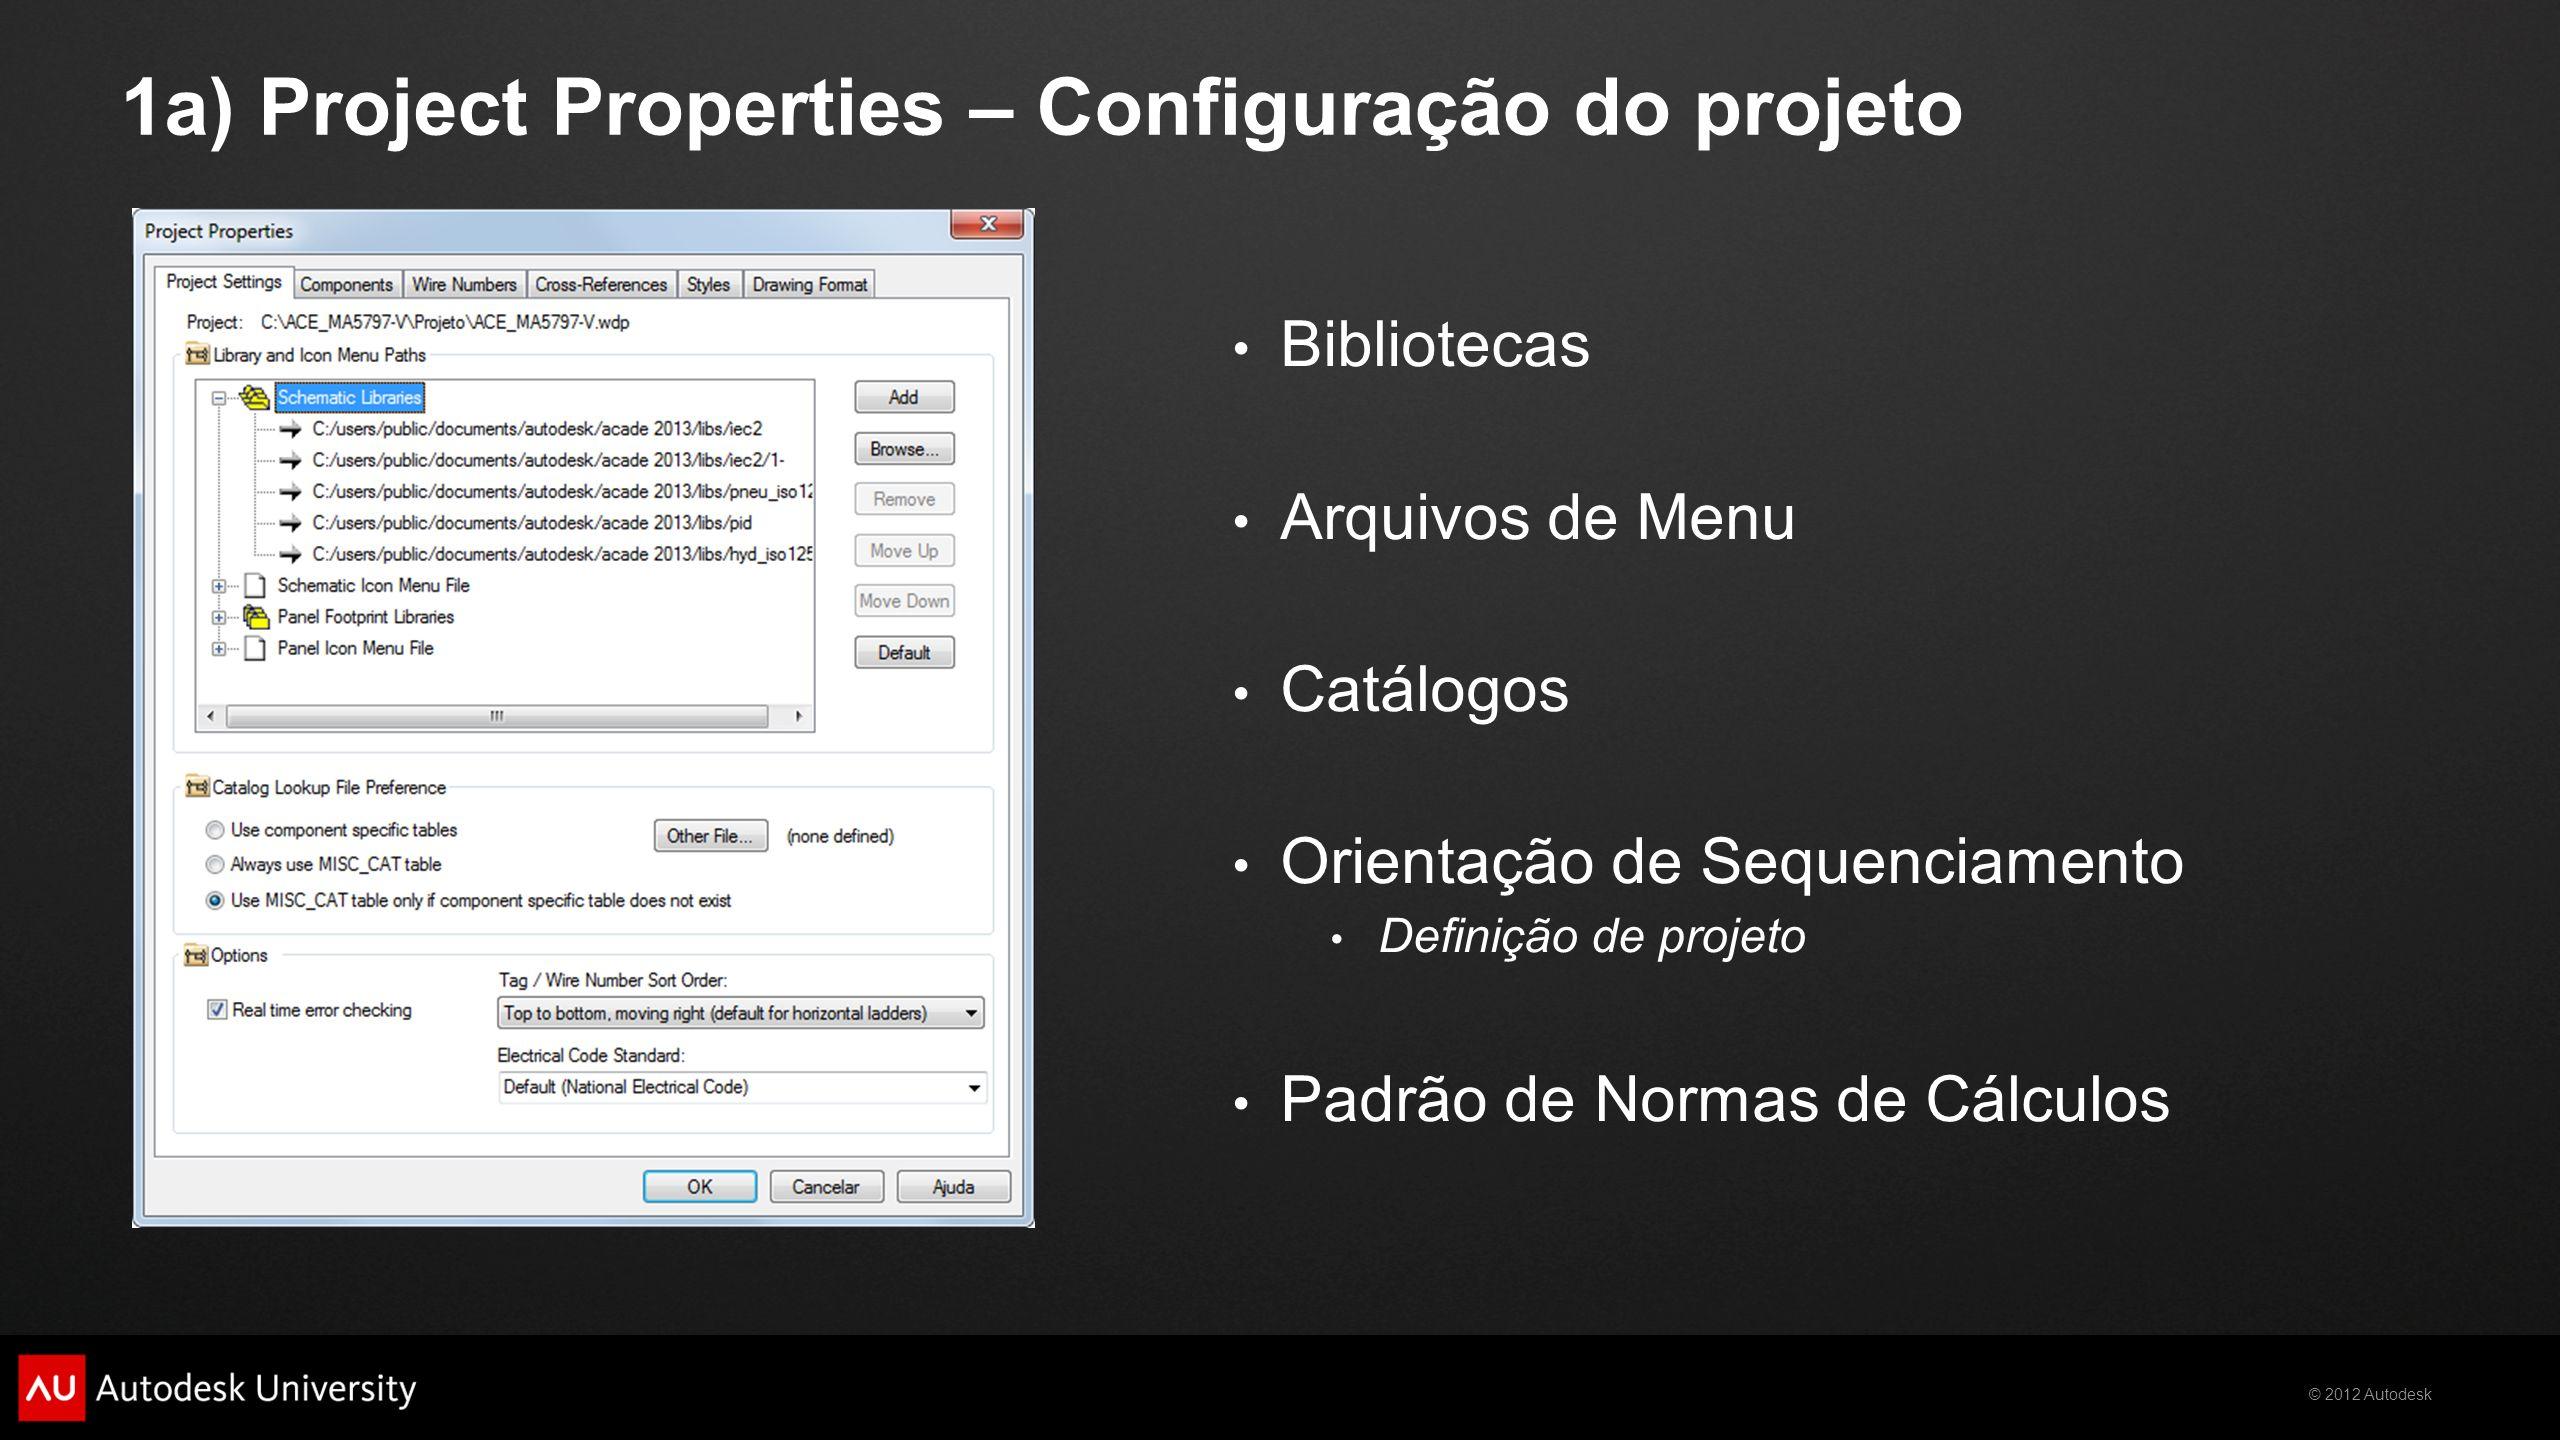 © 2012 Autodesk 1a) Project Properties – Configuração do projeto Bibliotecas Arquivos de Menu Catálogos Orientação de Sequenciamento Definição de proj